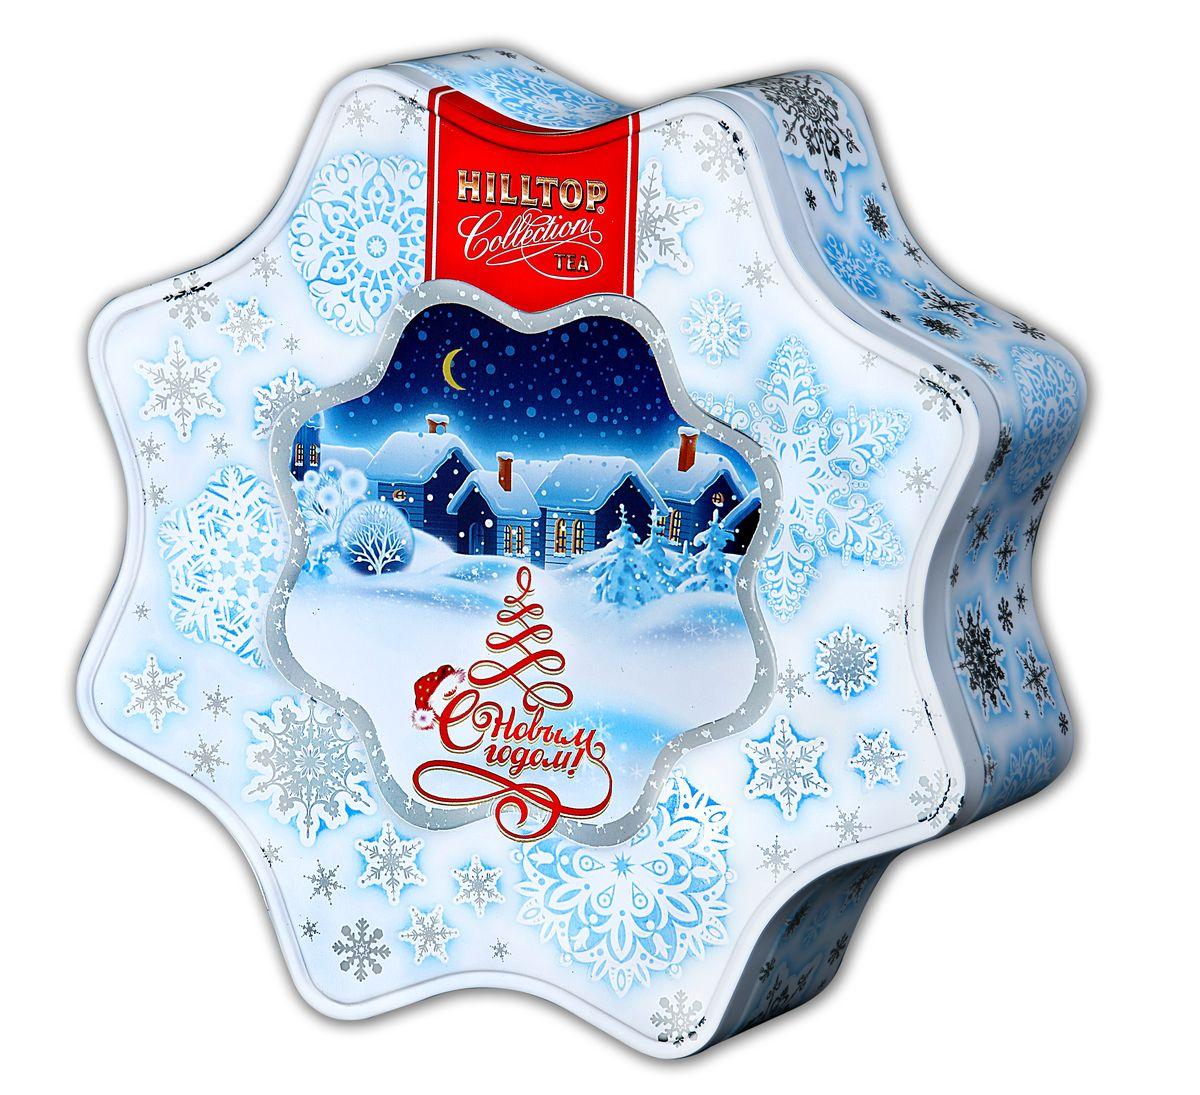 Hilltop Снежинка белая Молочный оолонг улун листовой, 100 г1158-08Знаменитый китайский полуферментированный чай Улун с нежным ароматом свежих сливок и сливочно-карамельным послевкусием вы найдете в наборе Hilltop Снежинка белая. Этот чай в красивой праздничной упаковке можно преподнести в подарок, или просто украсить им новогоднее или рождественское чаепитие в кругу друзей.